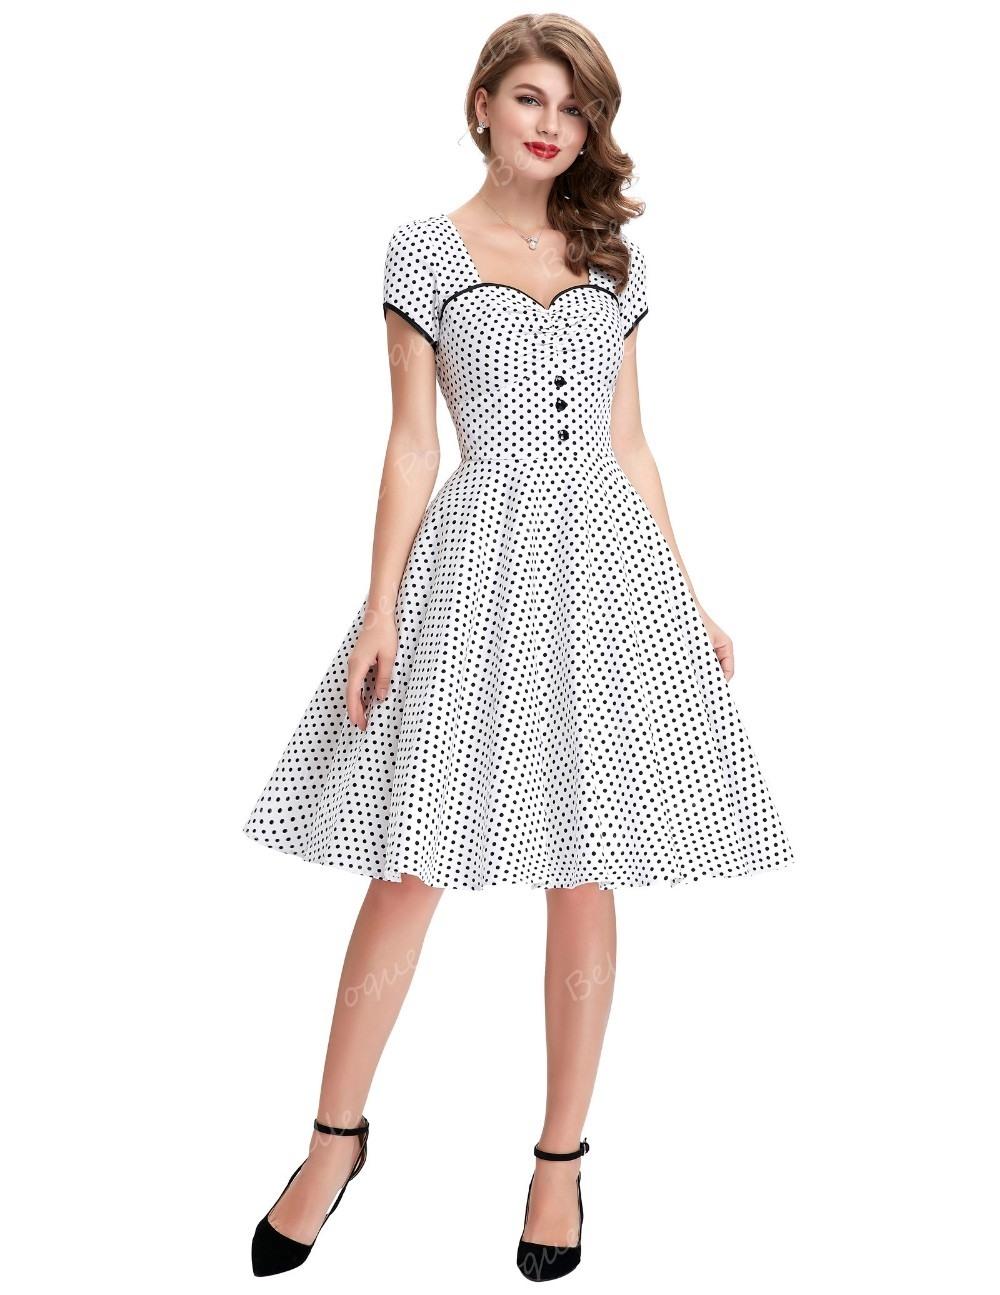 Schön Weißes Kleid Mit Ärmeln Design Luxurius Weißes Kleid Mit Ärmeln Stylish